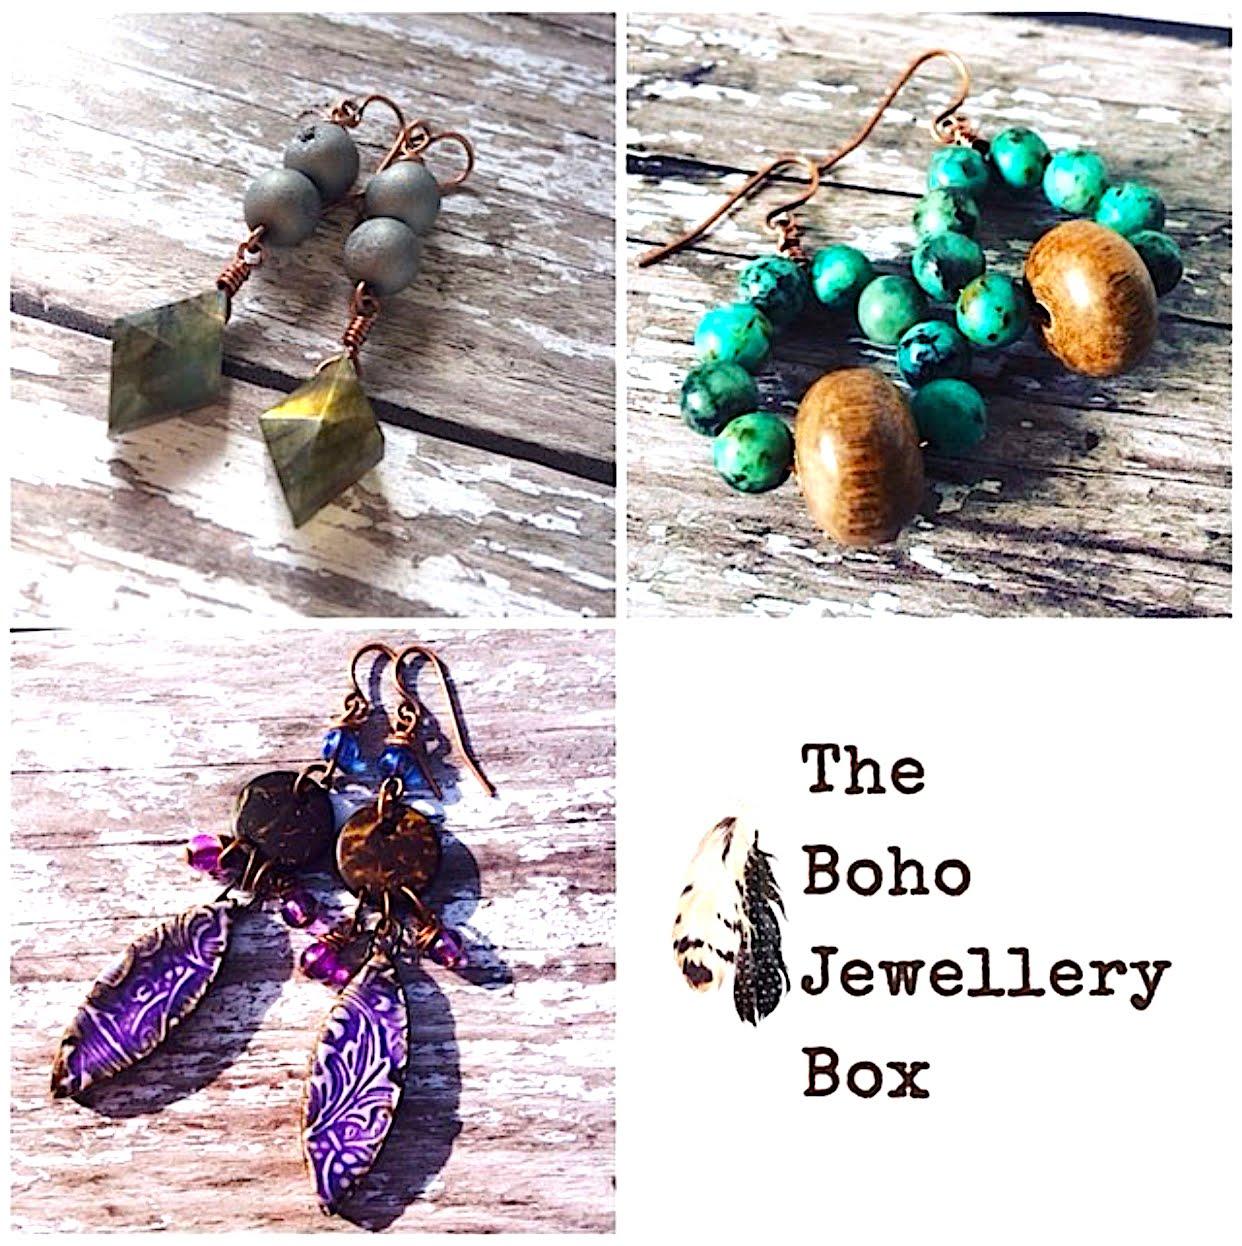 Bohojewellerybox